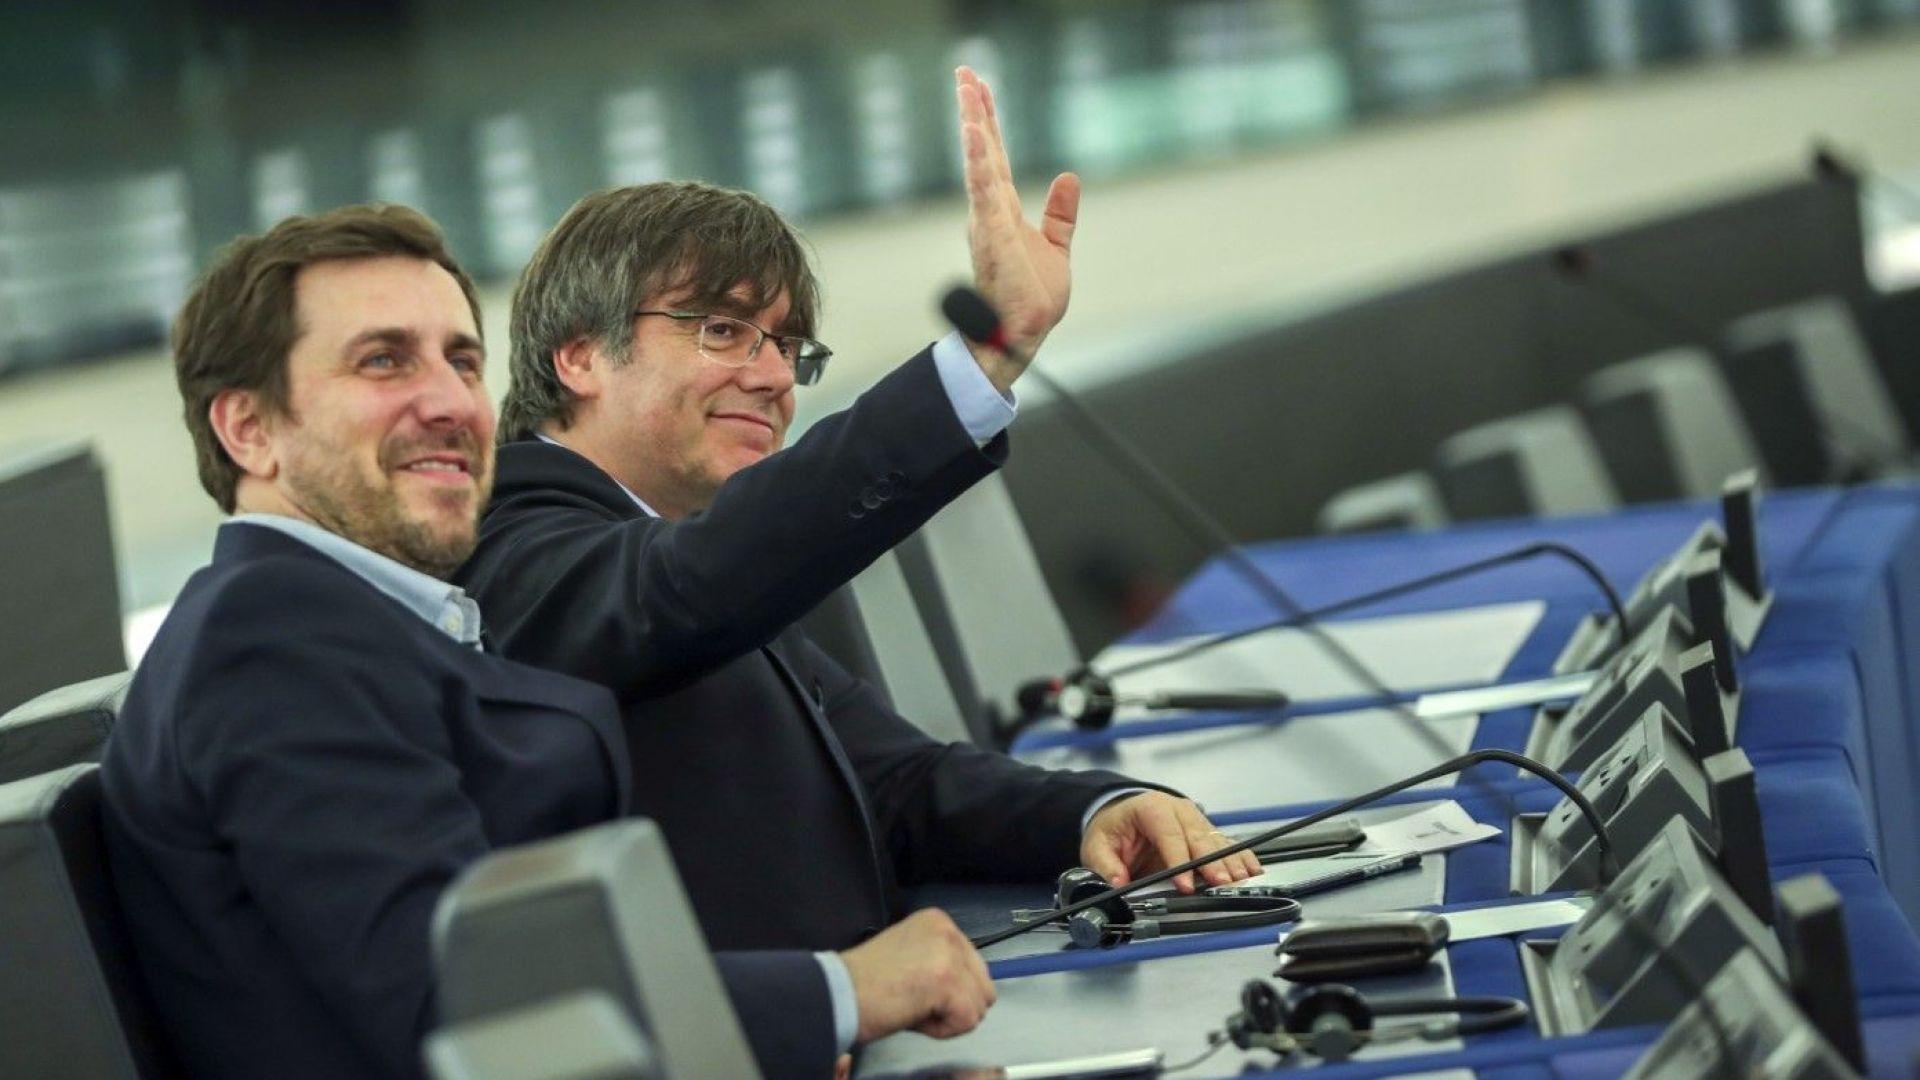 Карлес Пучдемон пристигна в Европейския парламент за първата си сесия